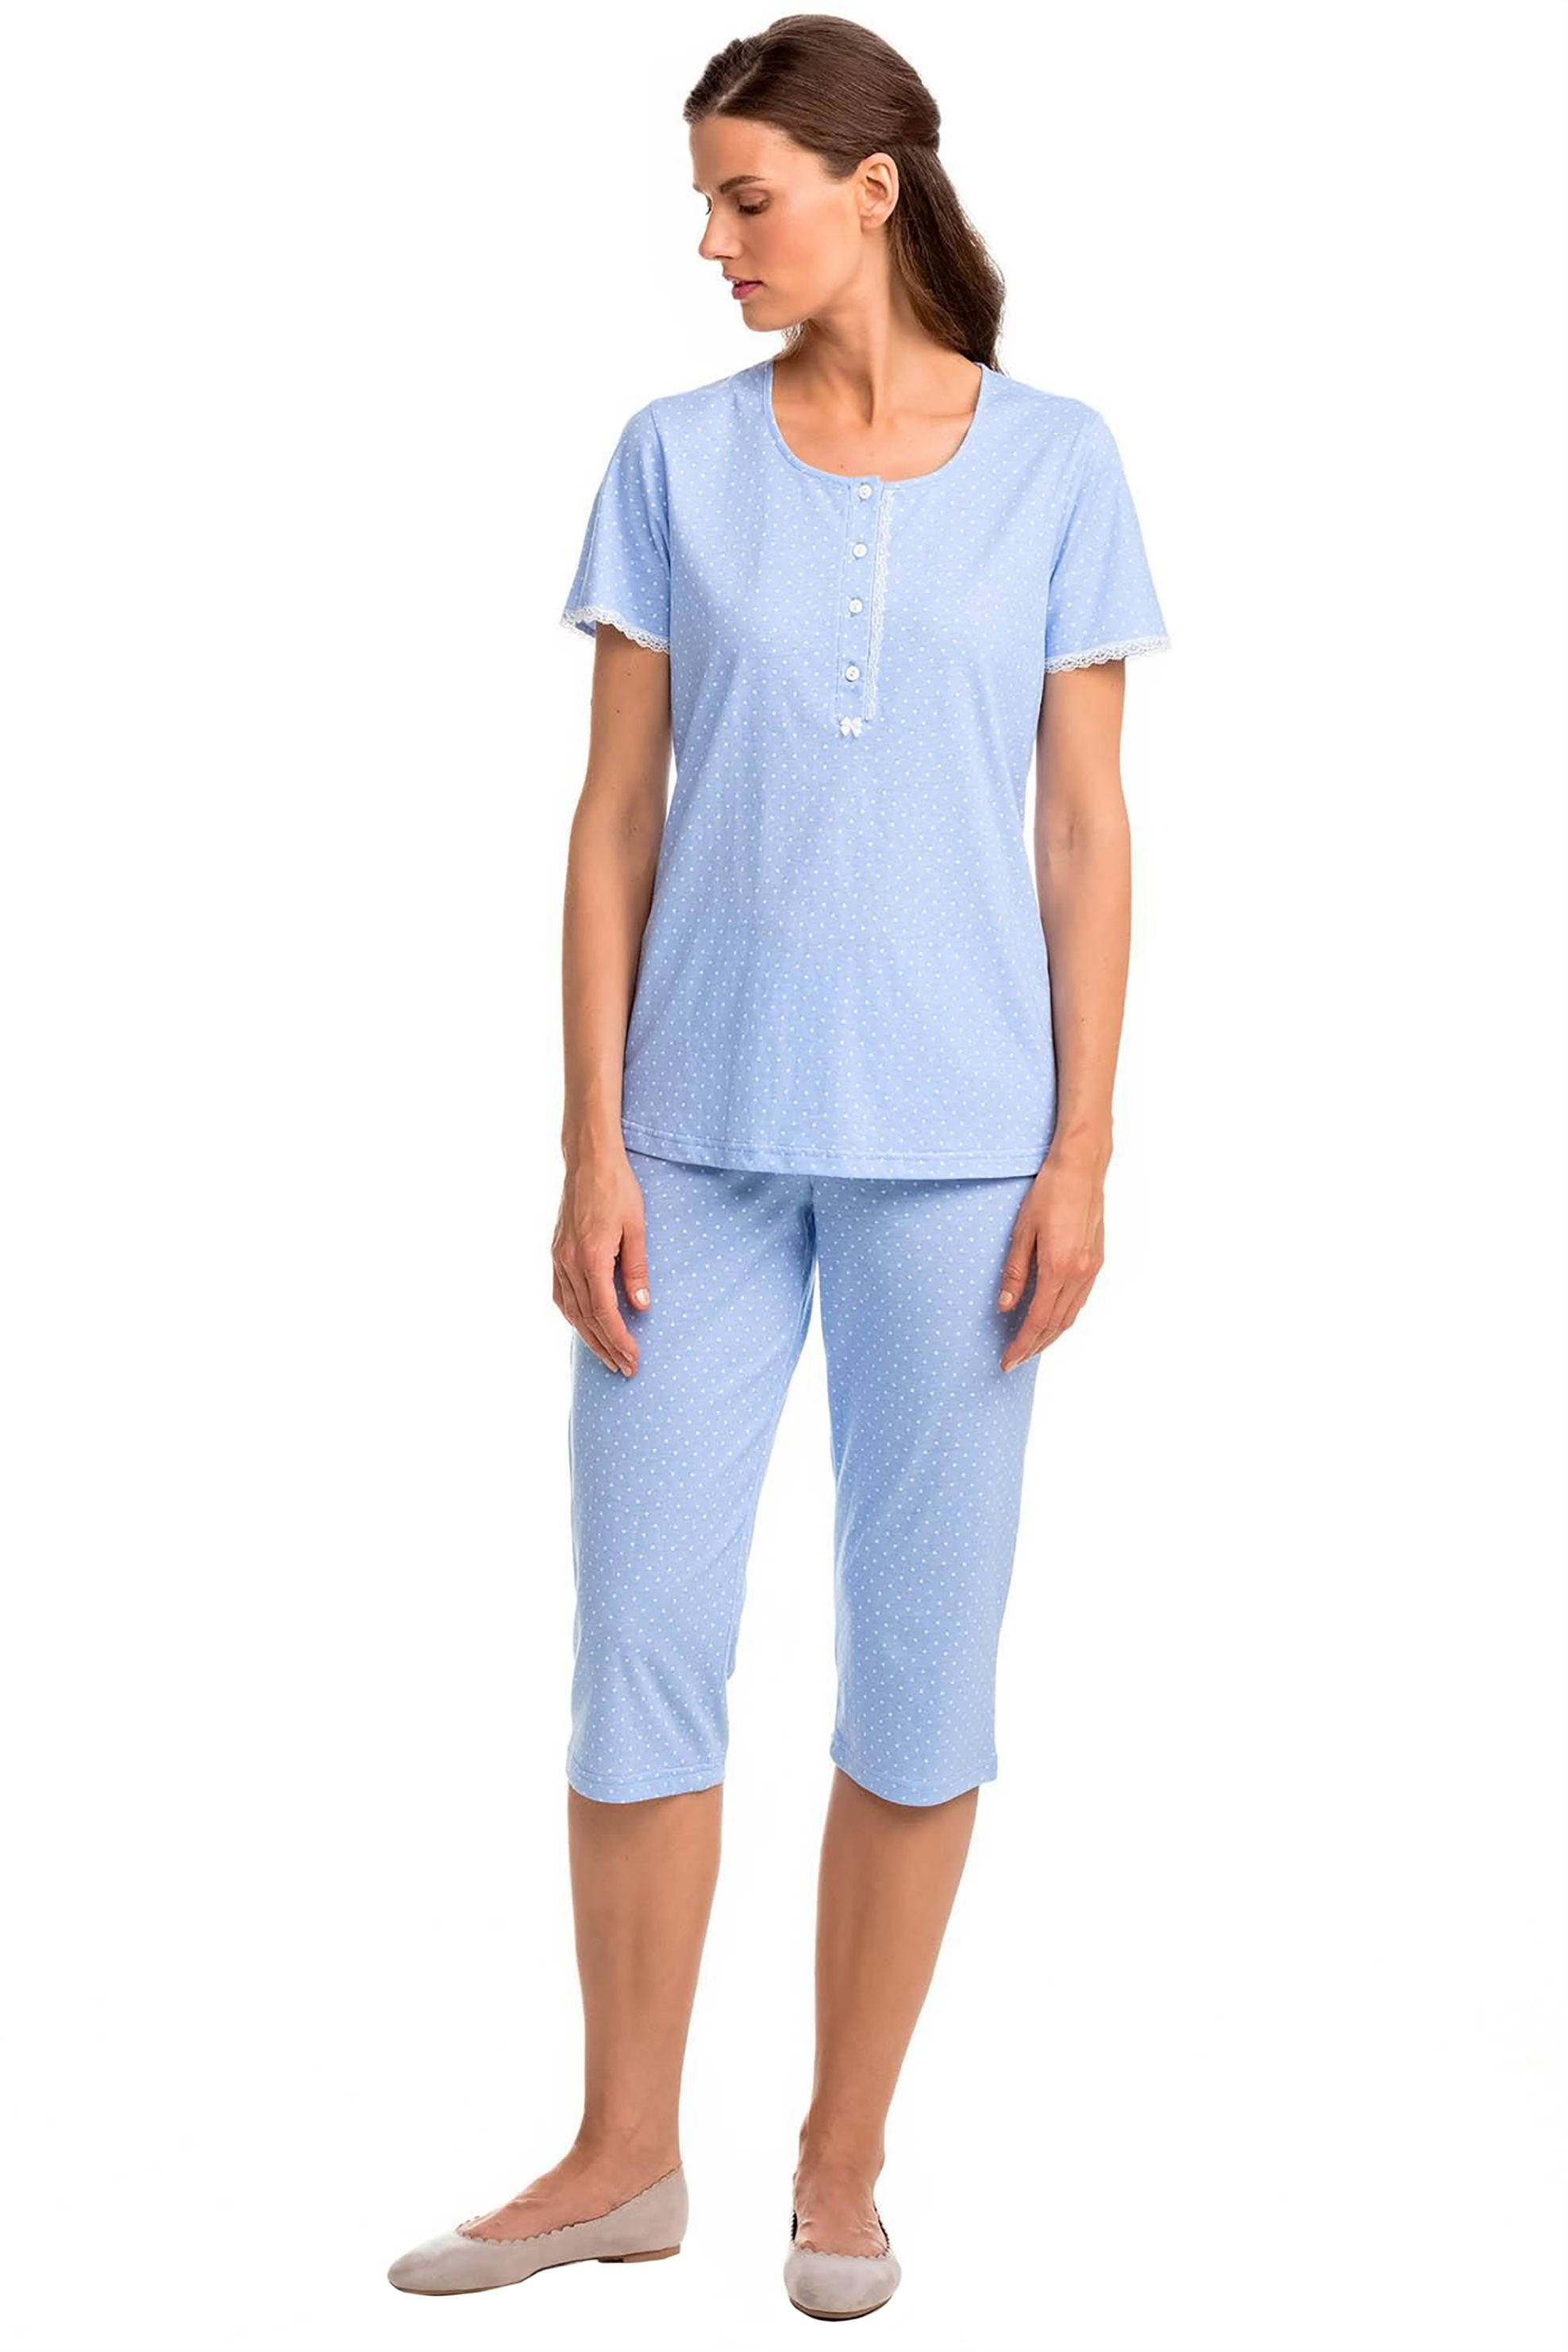 Vamp γυναικεία πιτζάμα με μικροσχέδιο πουά - 14377 - Γαλάζιο